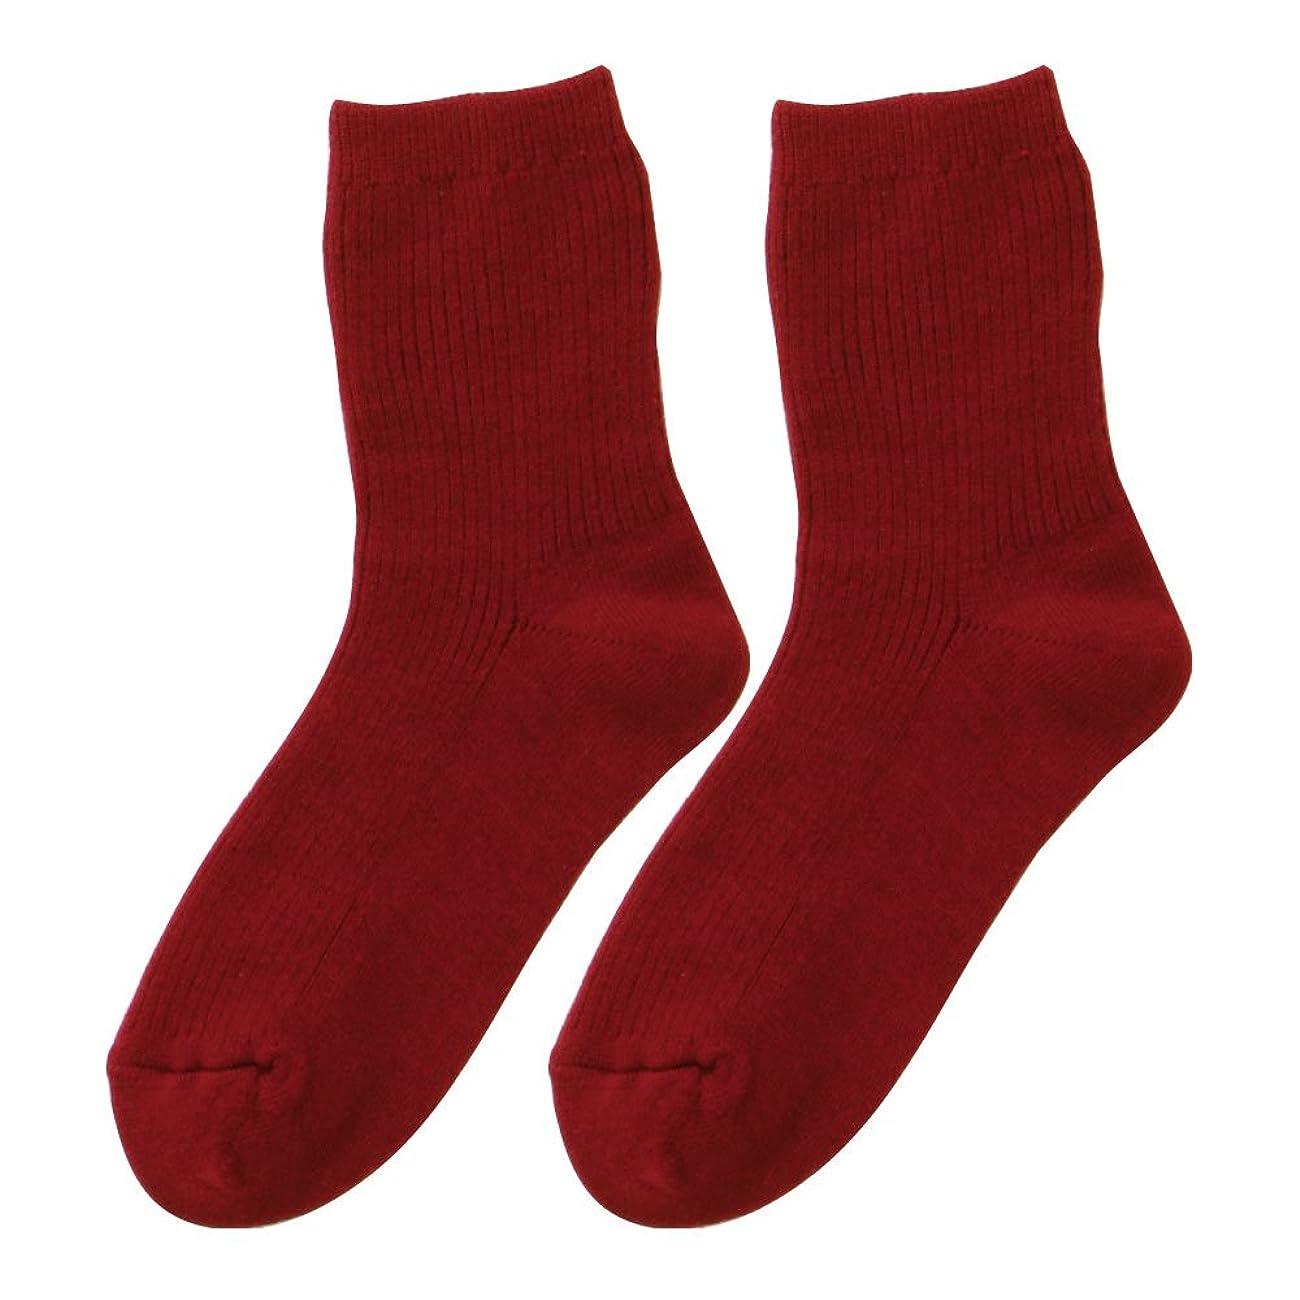 通路カウントアップ注意ひだまり ダブルソックス 婦人用 靴下[22~24cm] エンジ